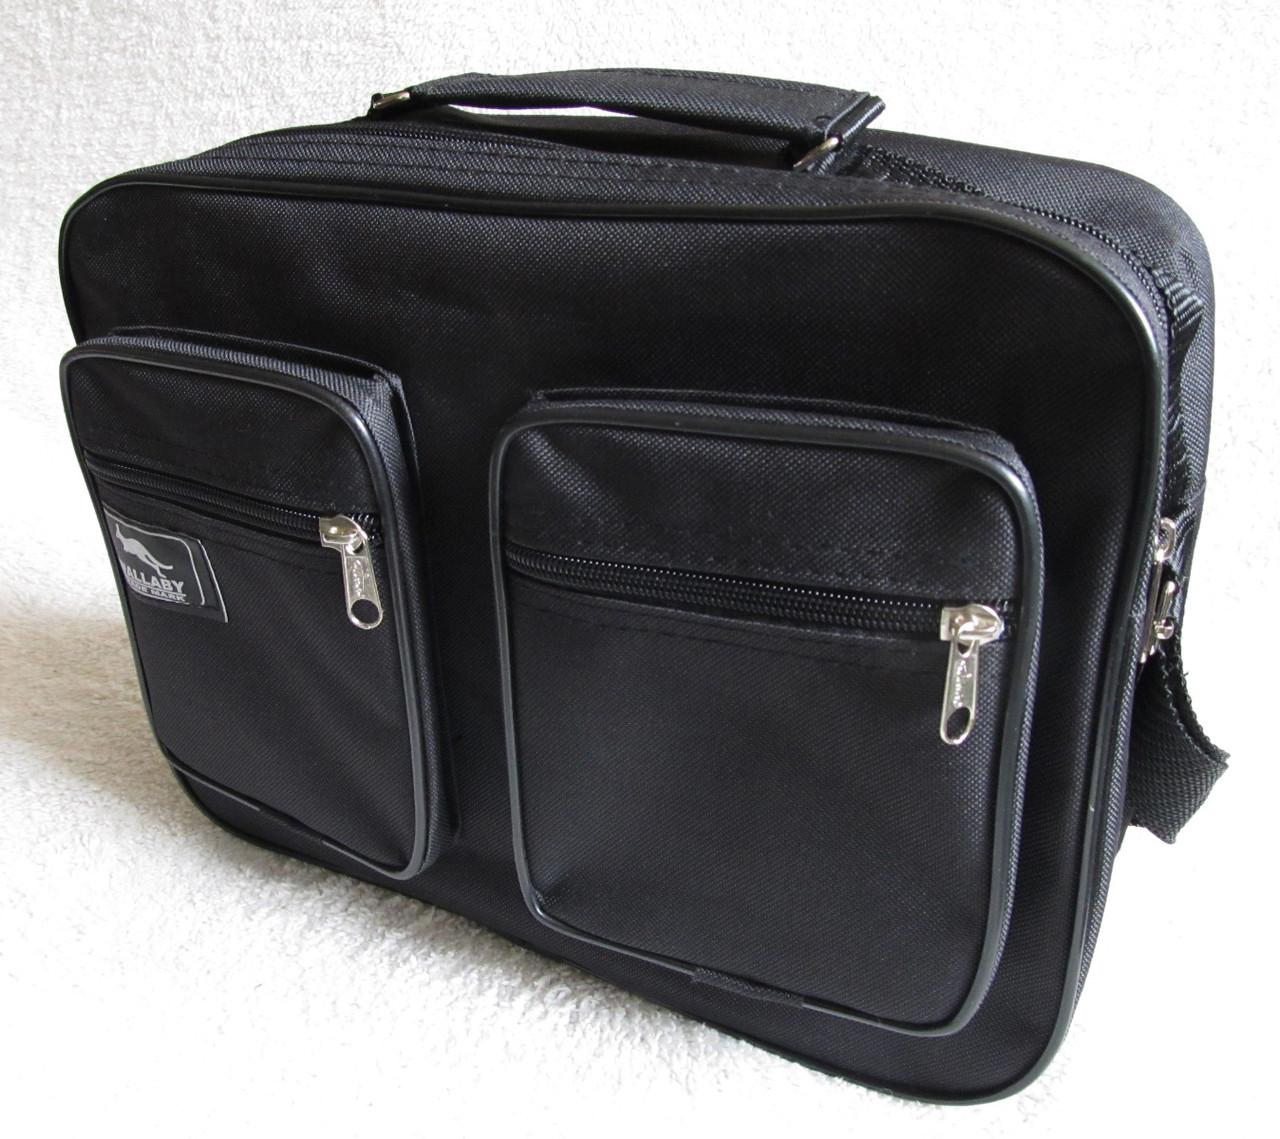 Мужская сумка через плечо прочная бюджетная папка портфель А4 в2611 черная 32х24х10см